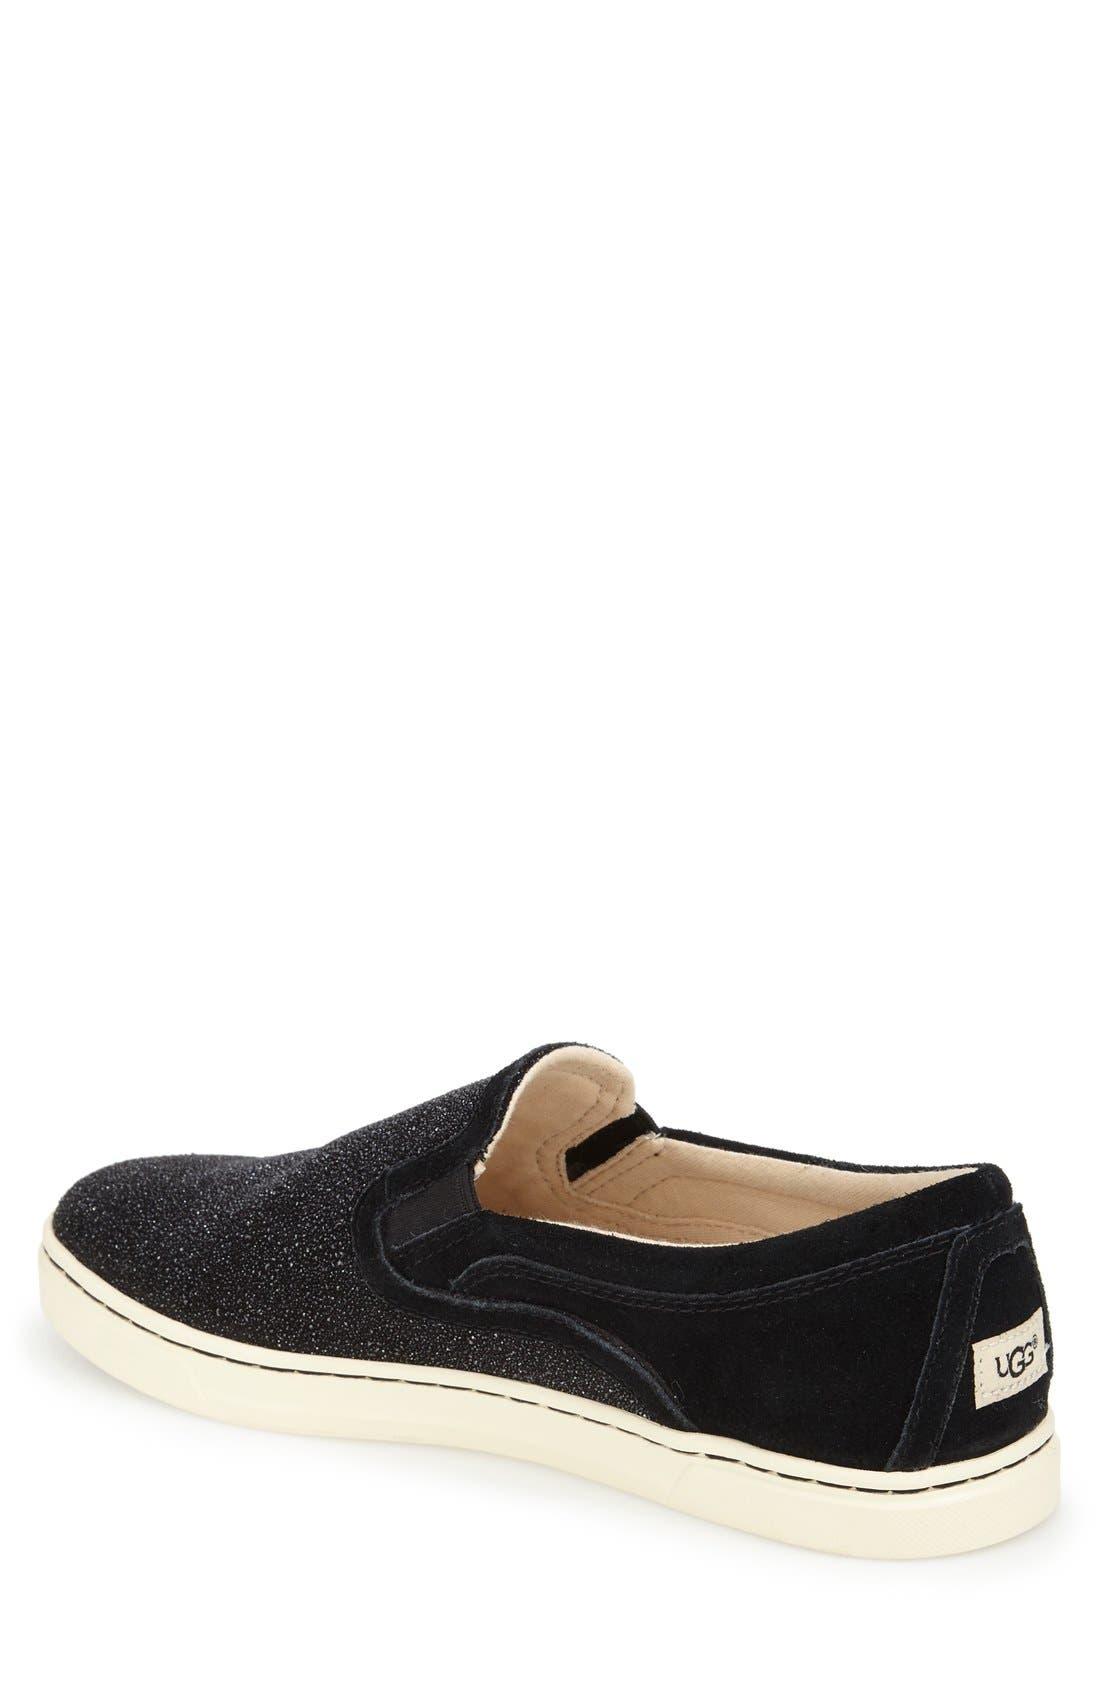 Fierce Slip-On Sneaker,                             Alternate thumbnail 2, color,                             001